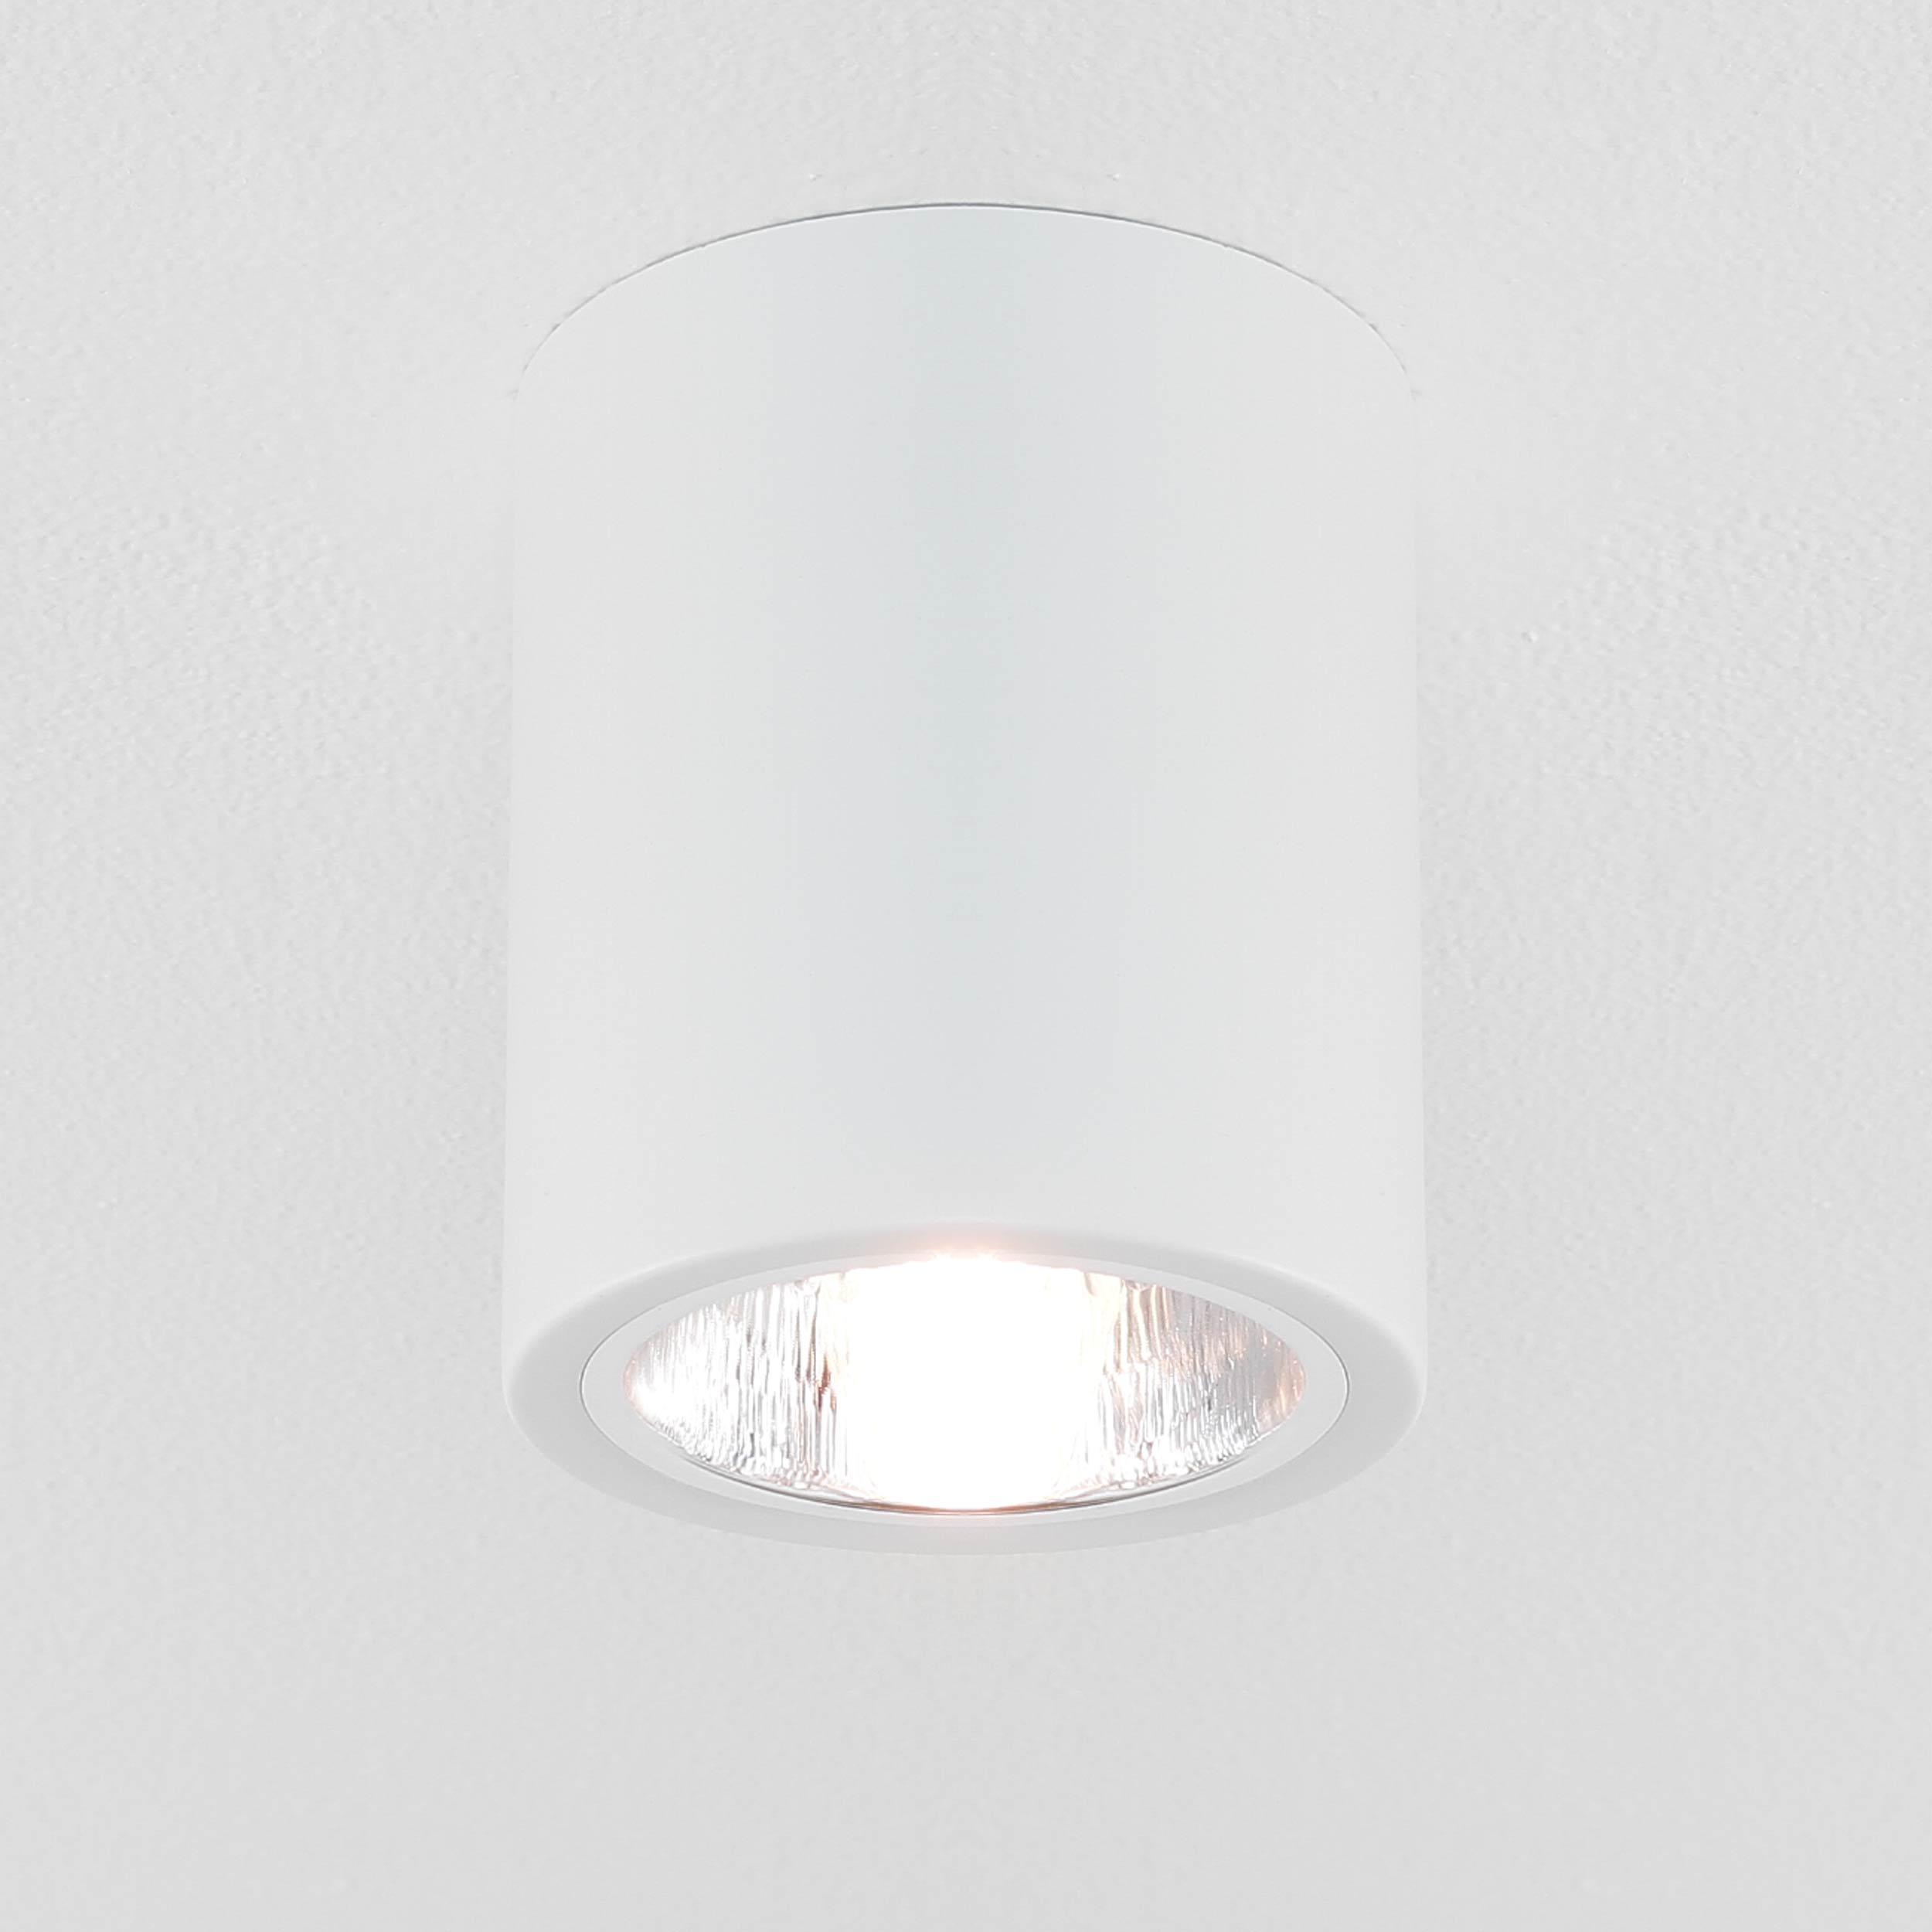 Runde Bauhaus Deckenleuchte Deckenlampe für die Küche in Weiß